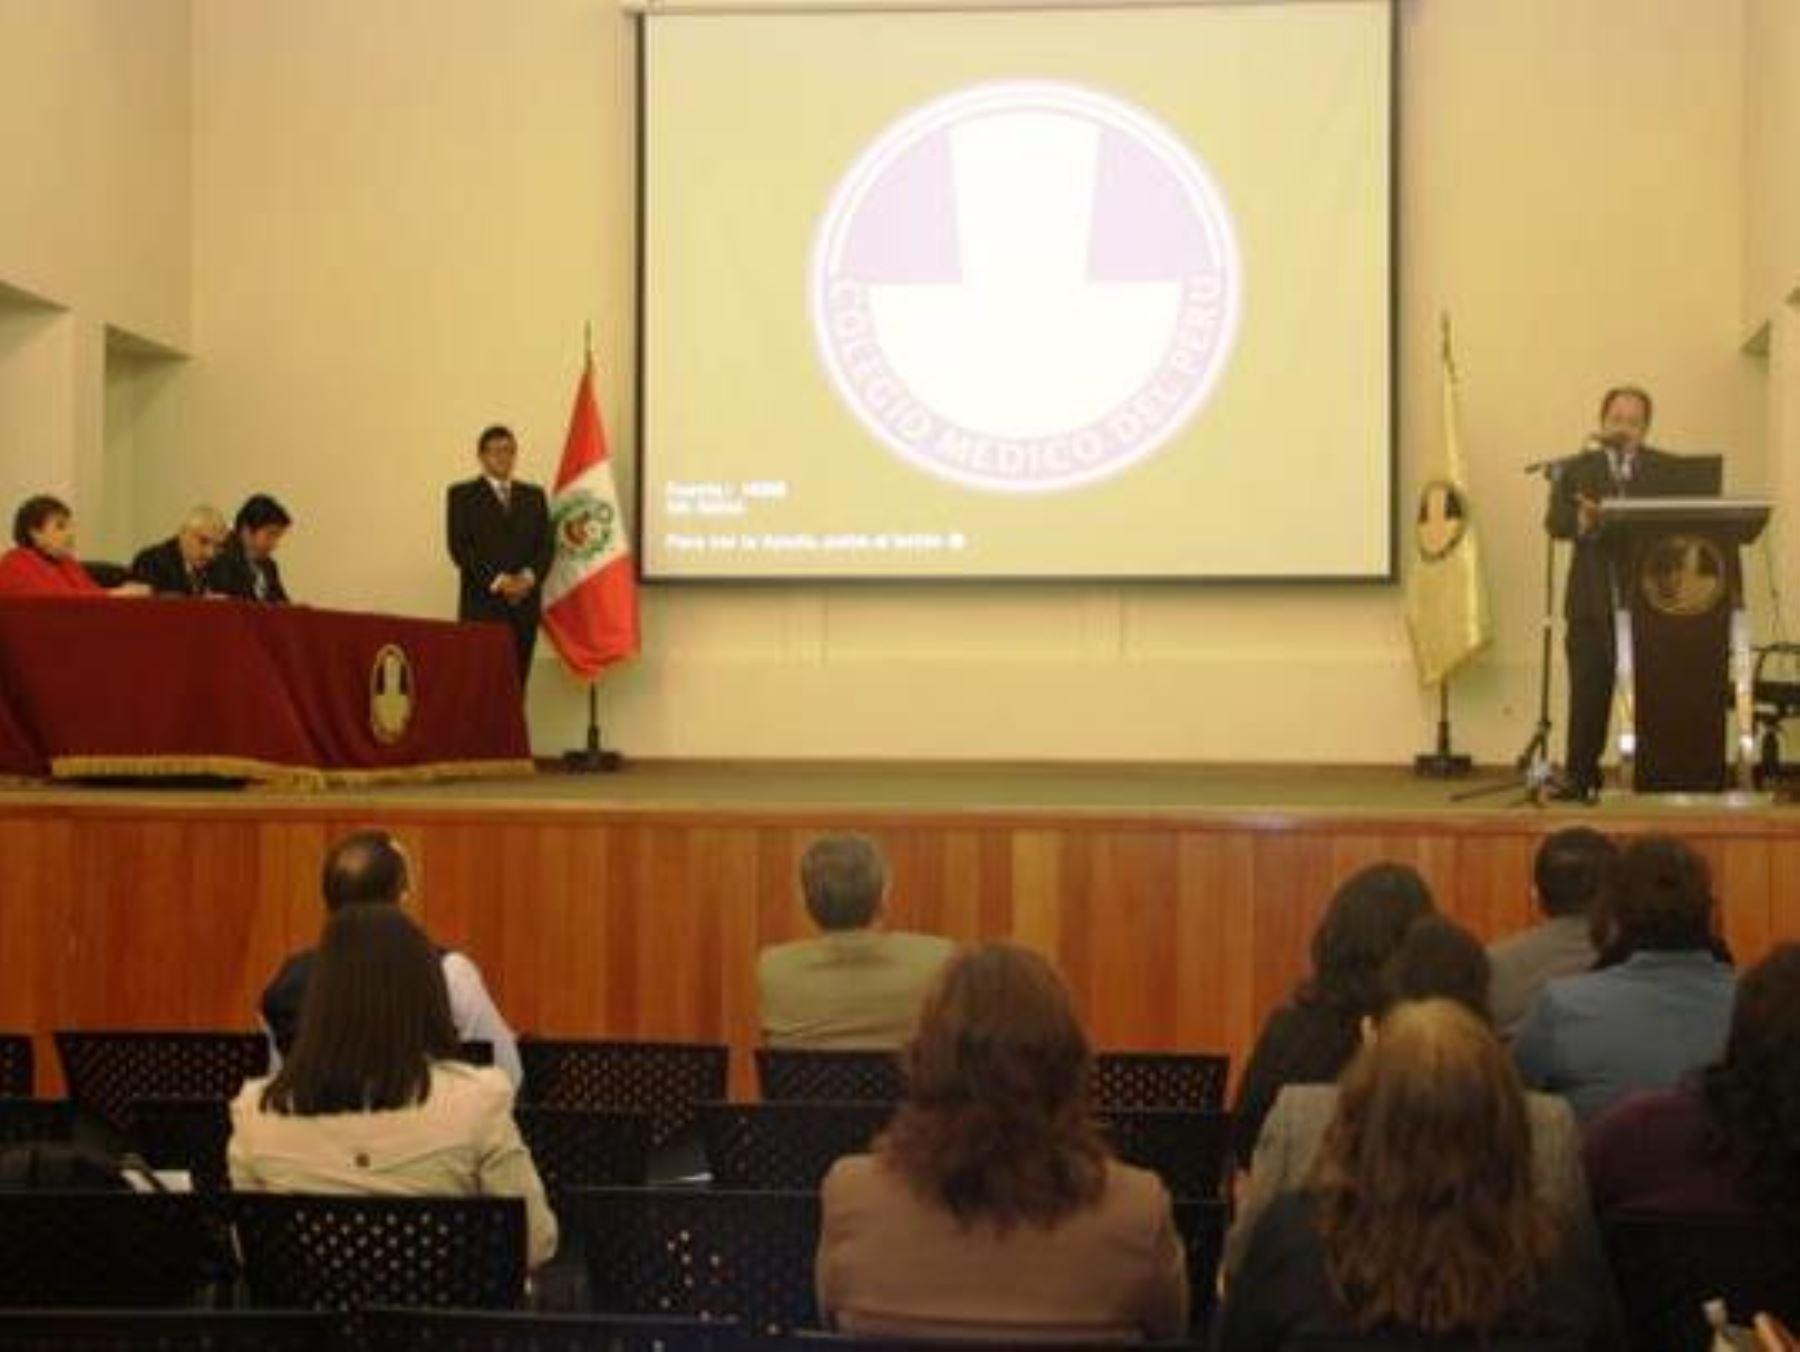 Certificados de defunción se elaborarán electrónicamente gracias a herramienta digital presentada por Reniec. Foto: ANDINA/Difusión.